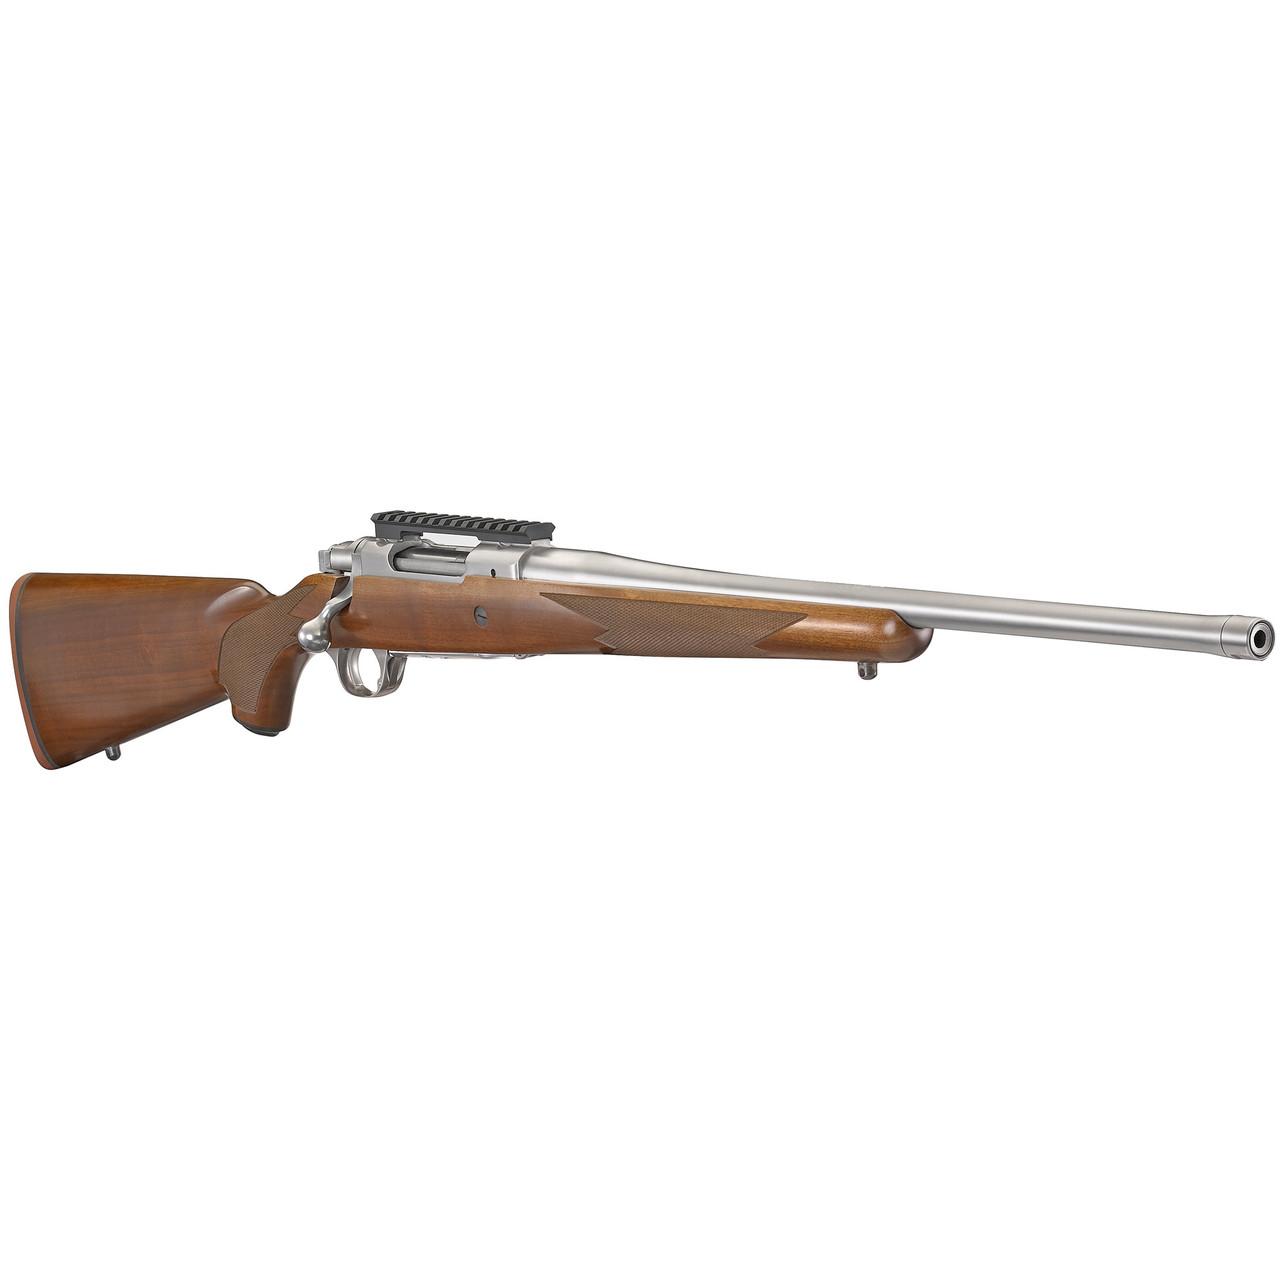 Ruger Hawkeye Hunter CALIFORNIA LEGAL - 6.5 Creedmoor - Walnut